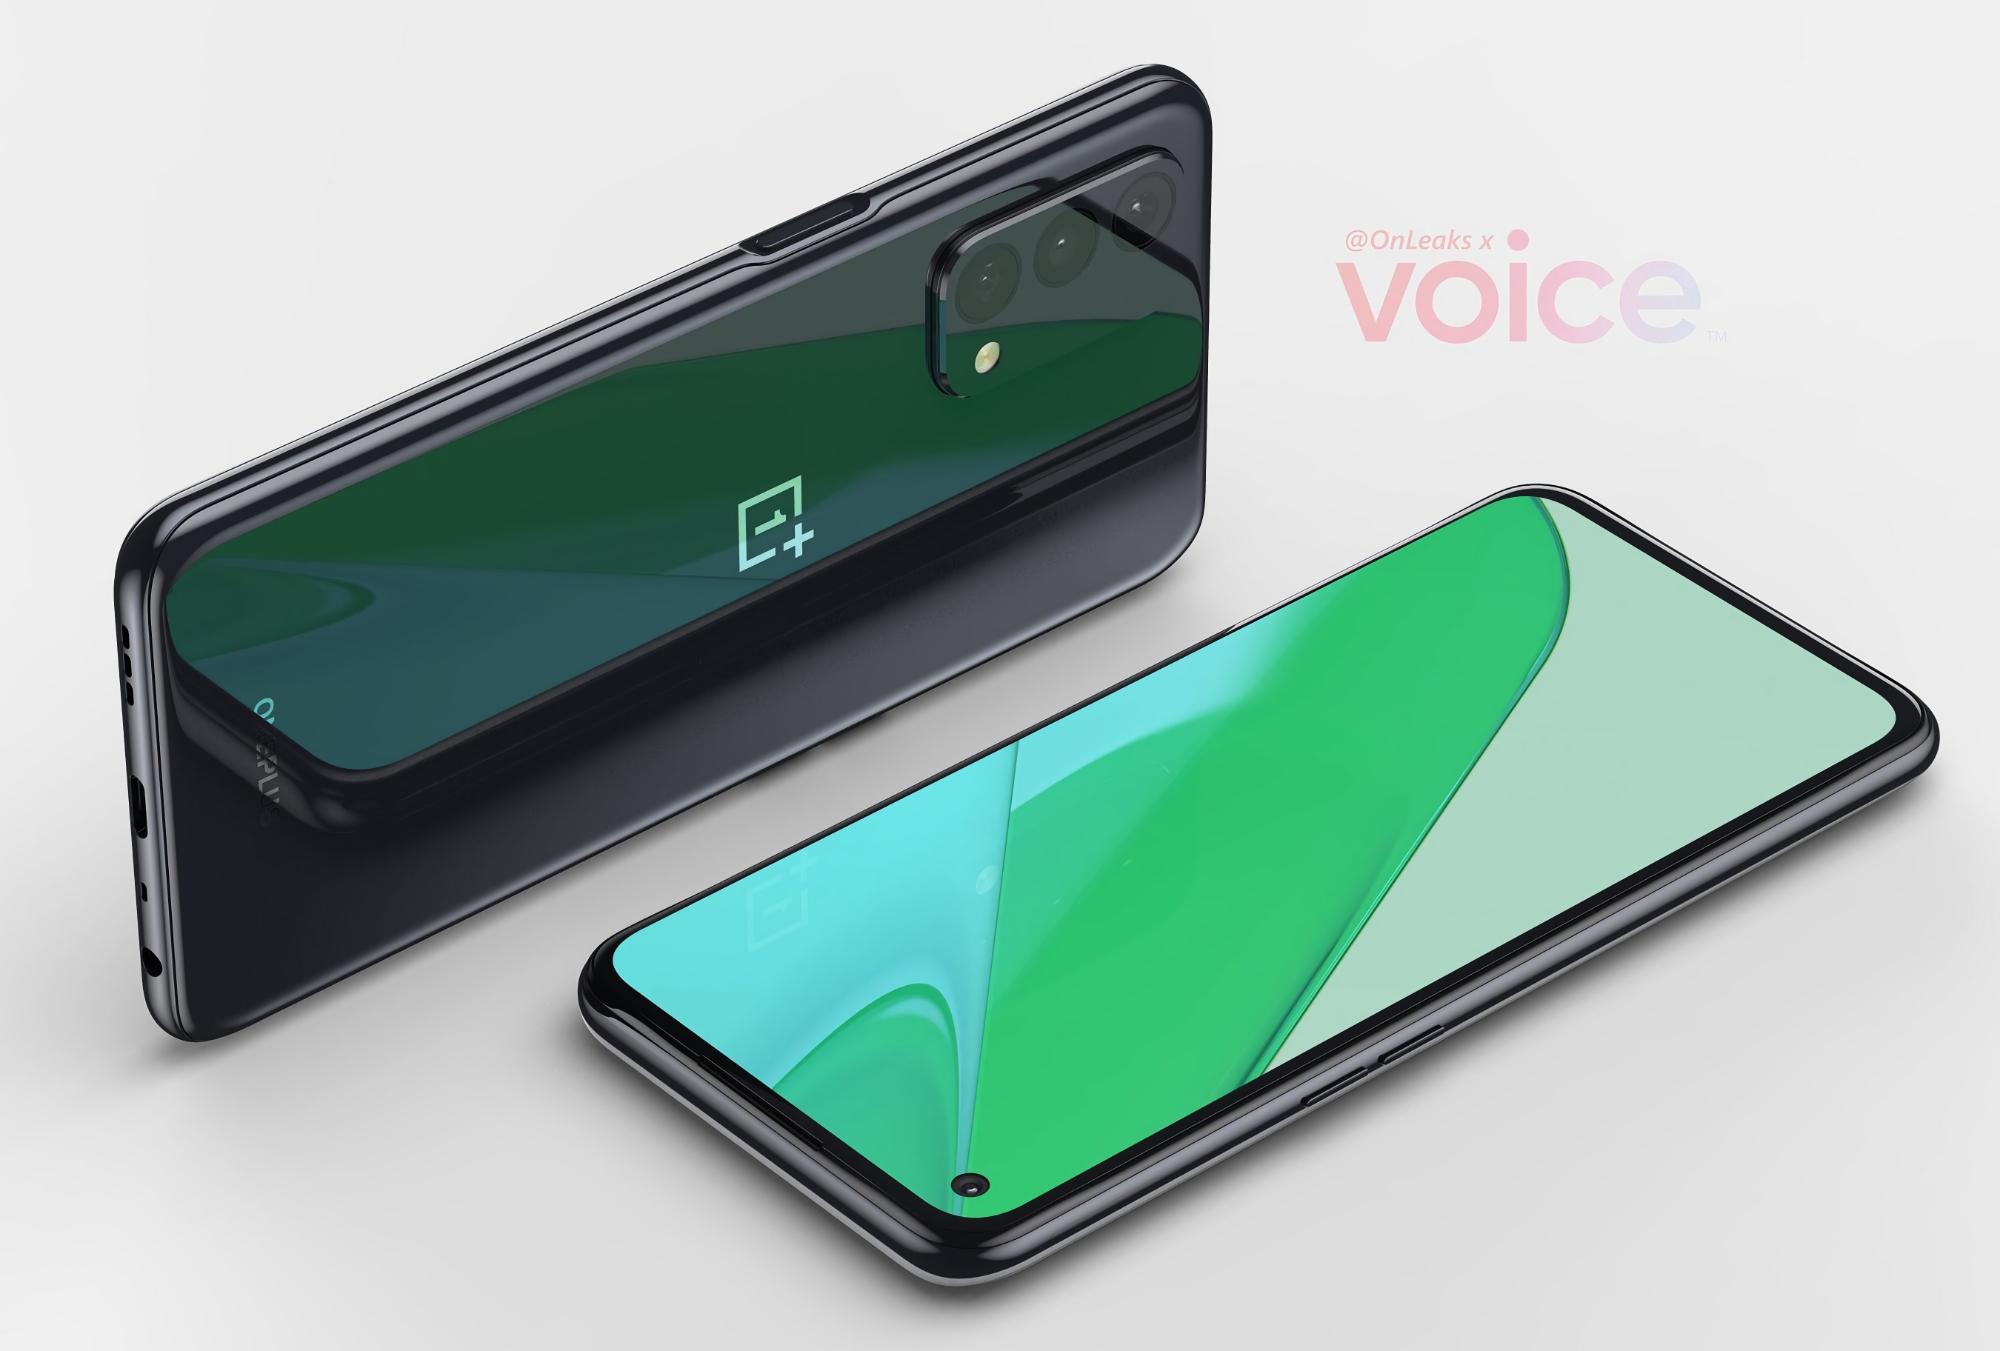 Пит Лау: OnePlus Nord CE 5G представят 10 июня, а OnePlus Nord N200 5G выйдет чуть позже